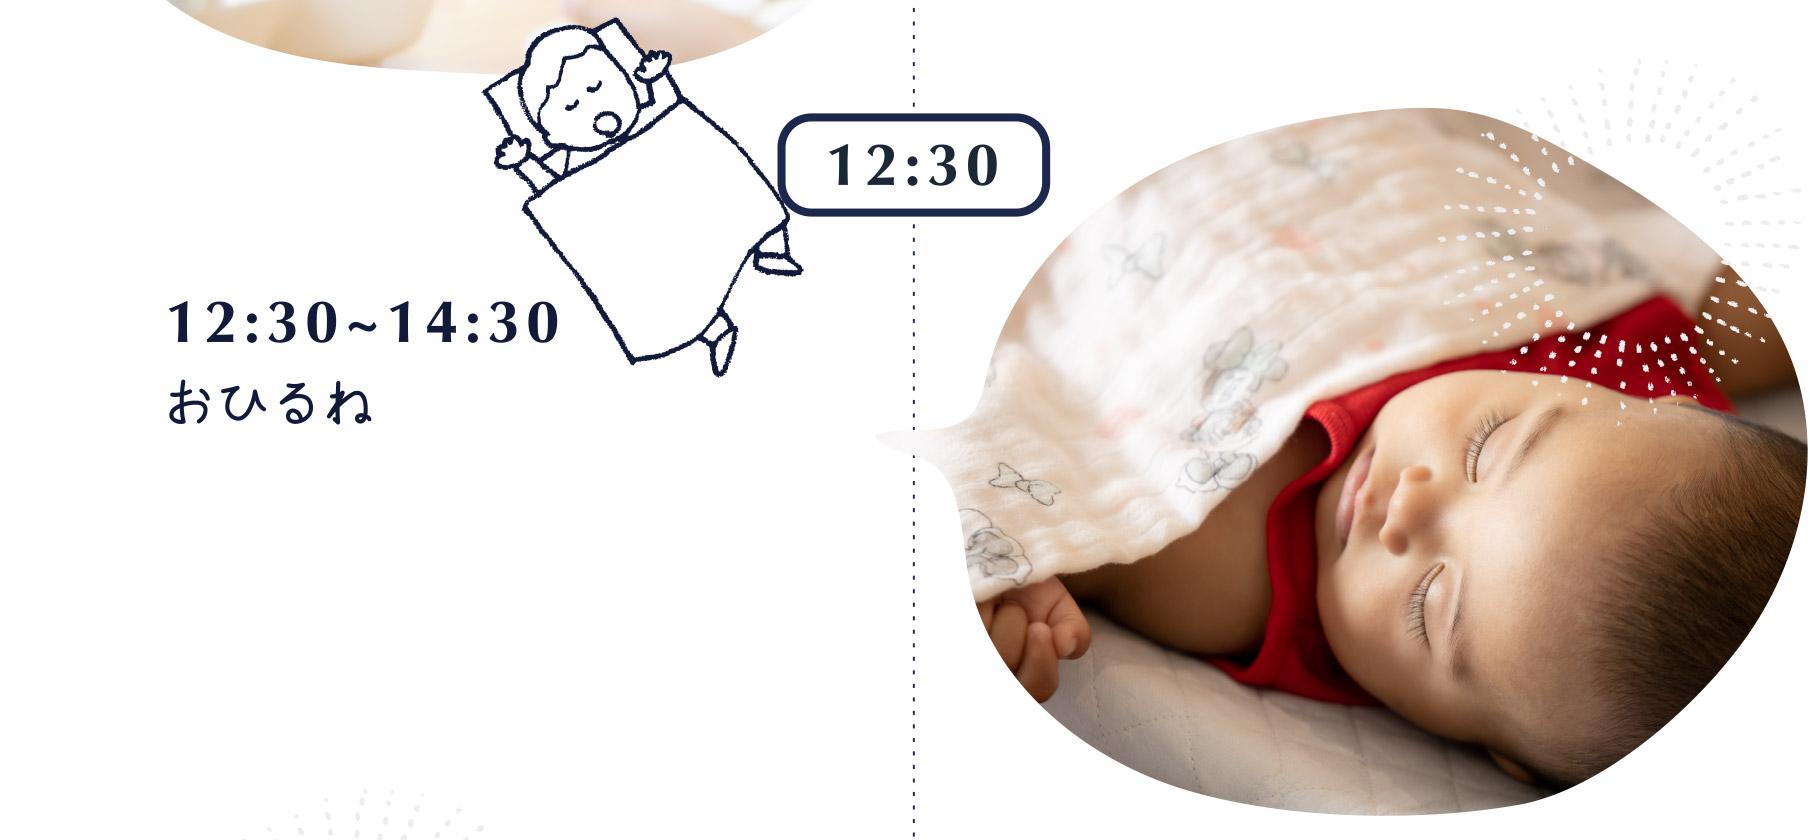 12:30~14:30 おひるね